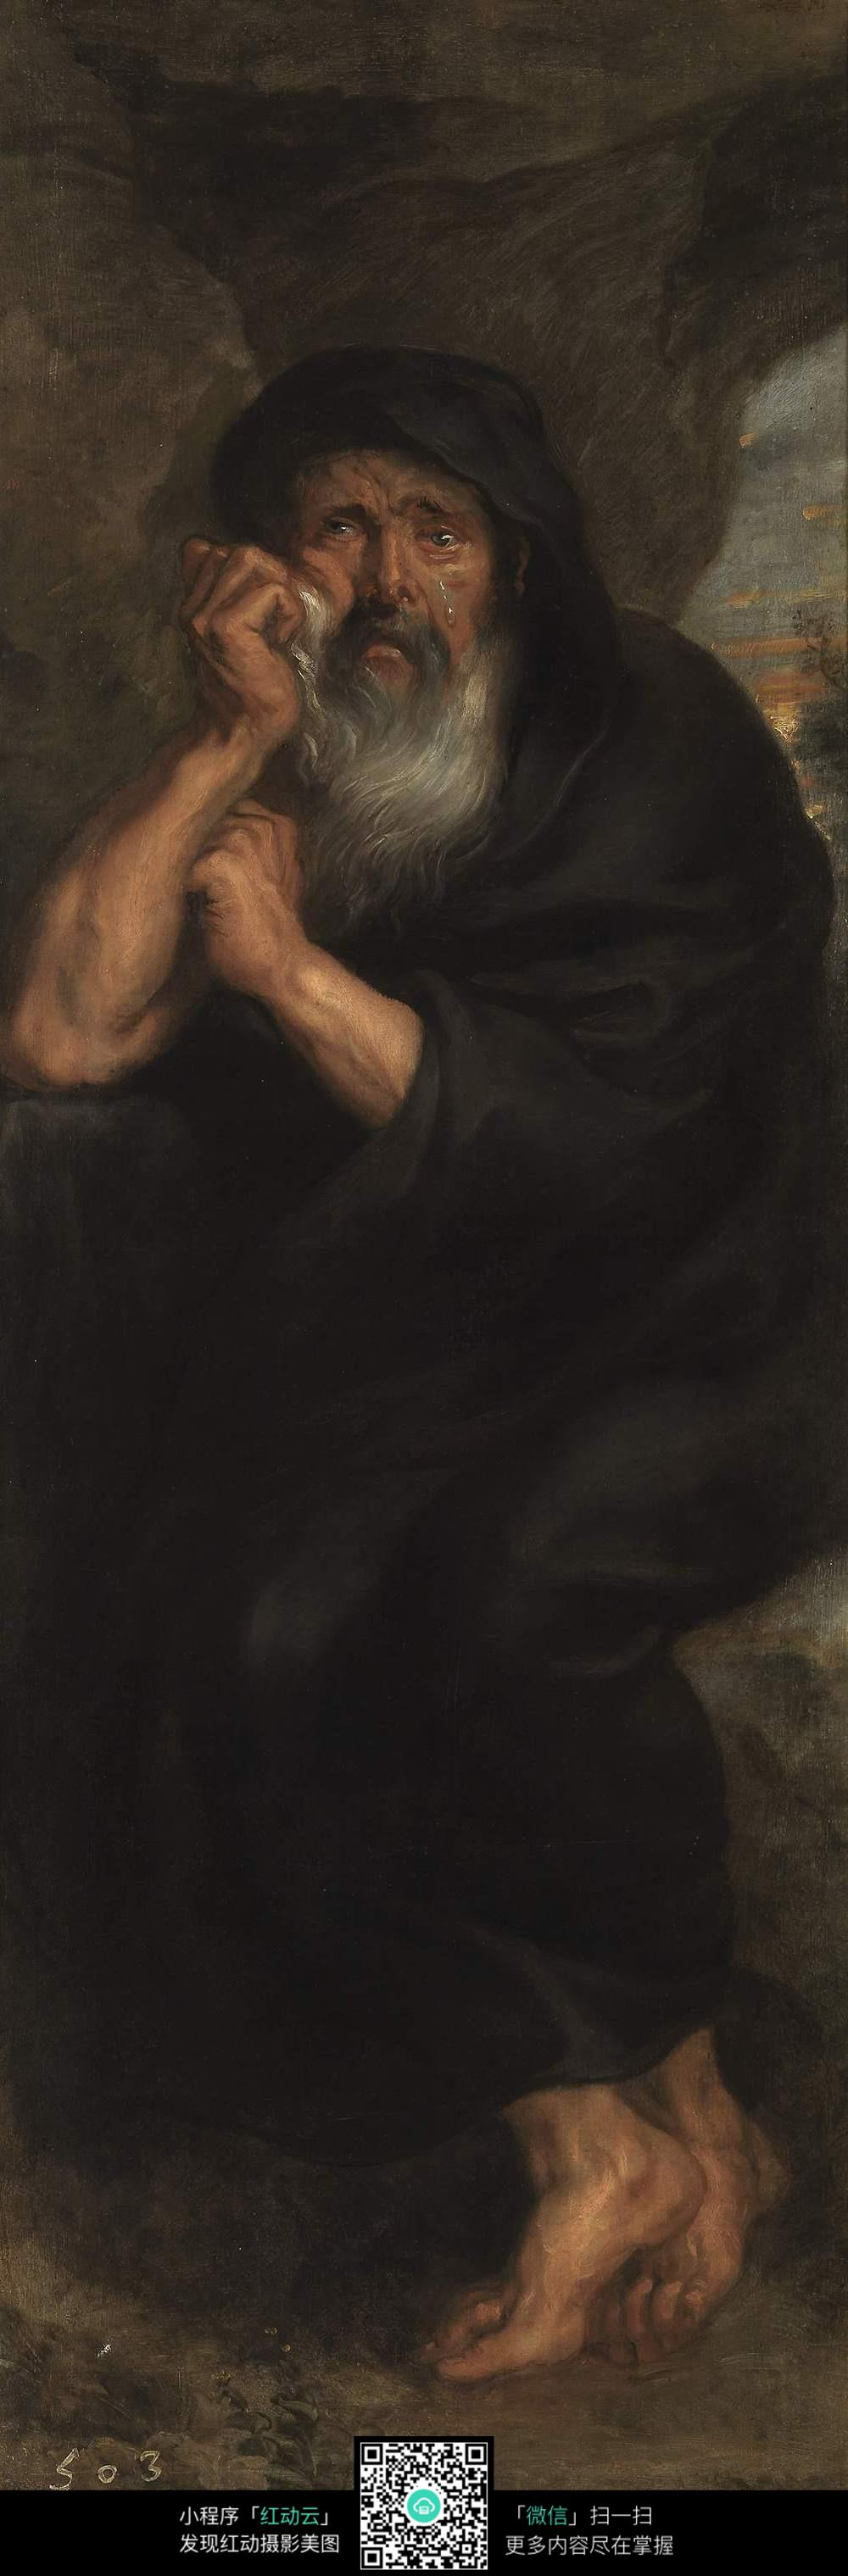 沧桑老人肖像油画作品